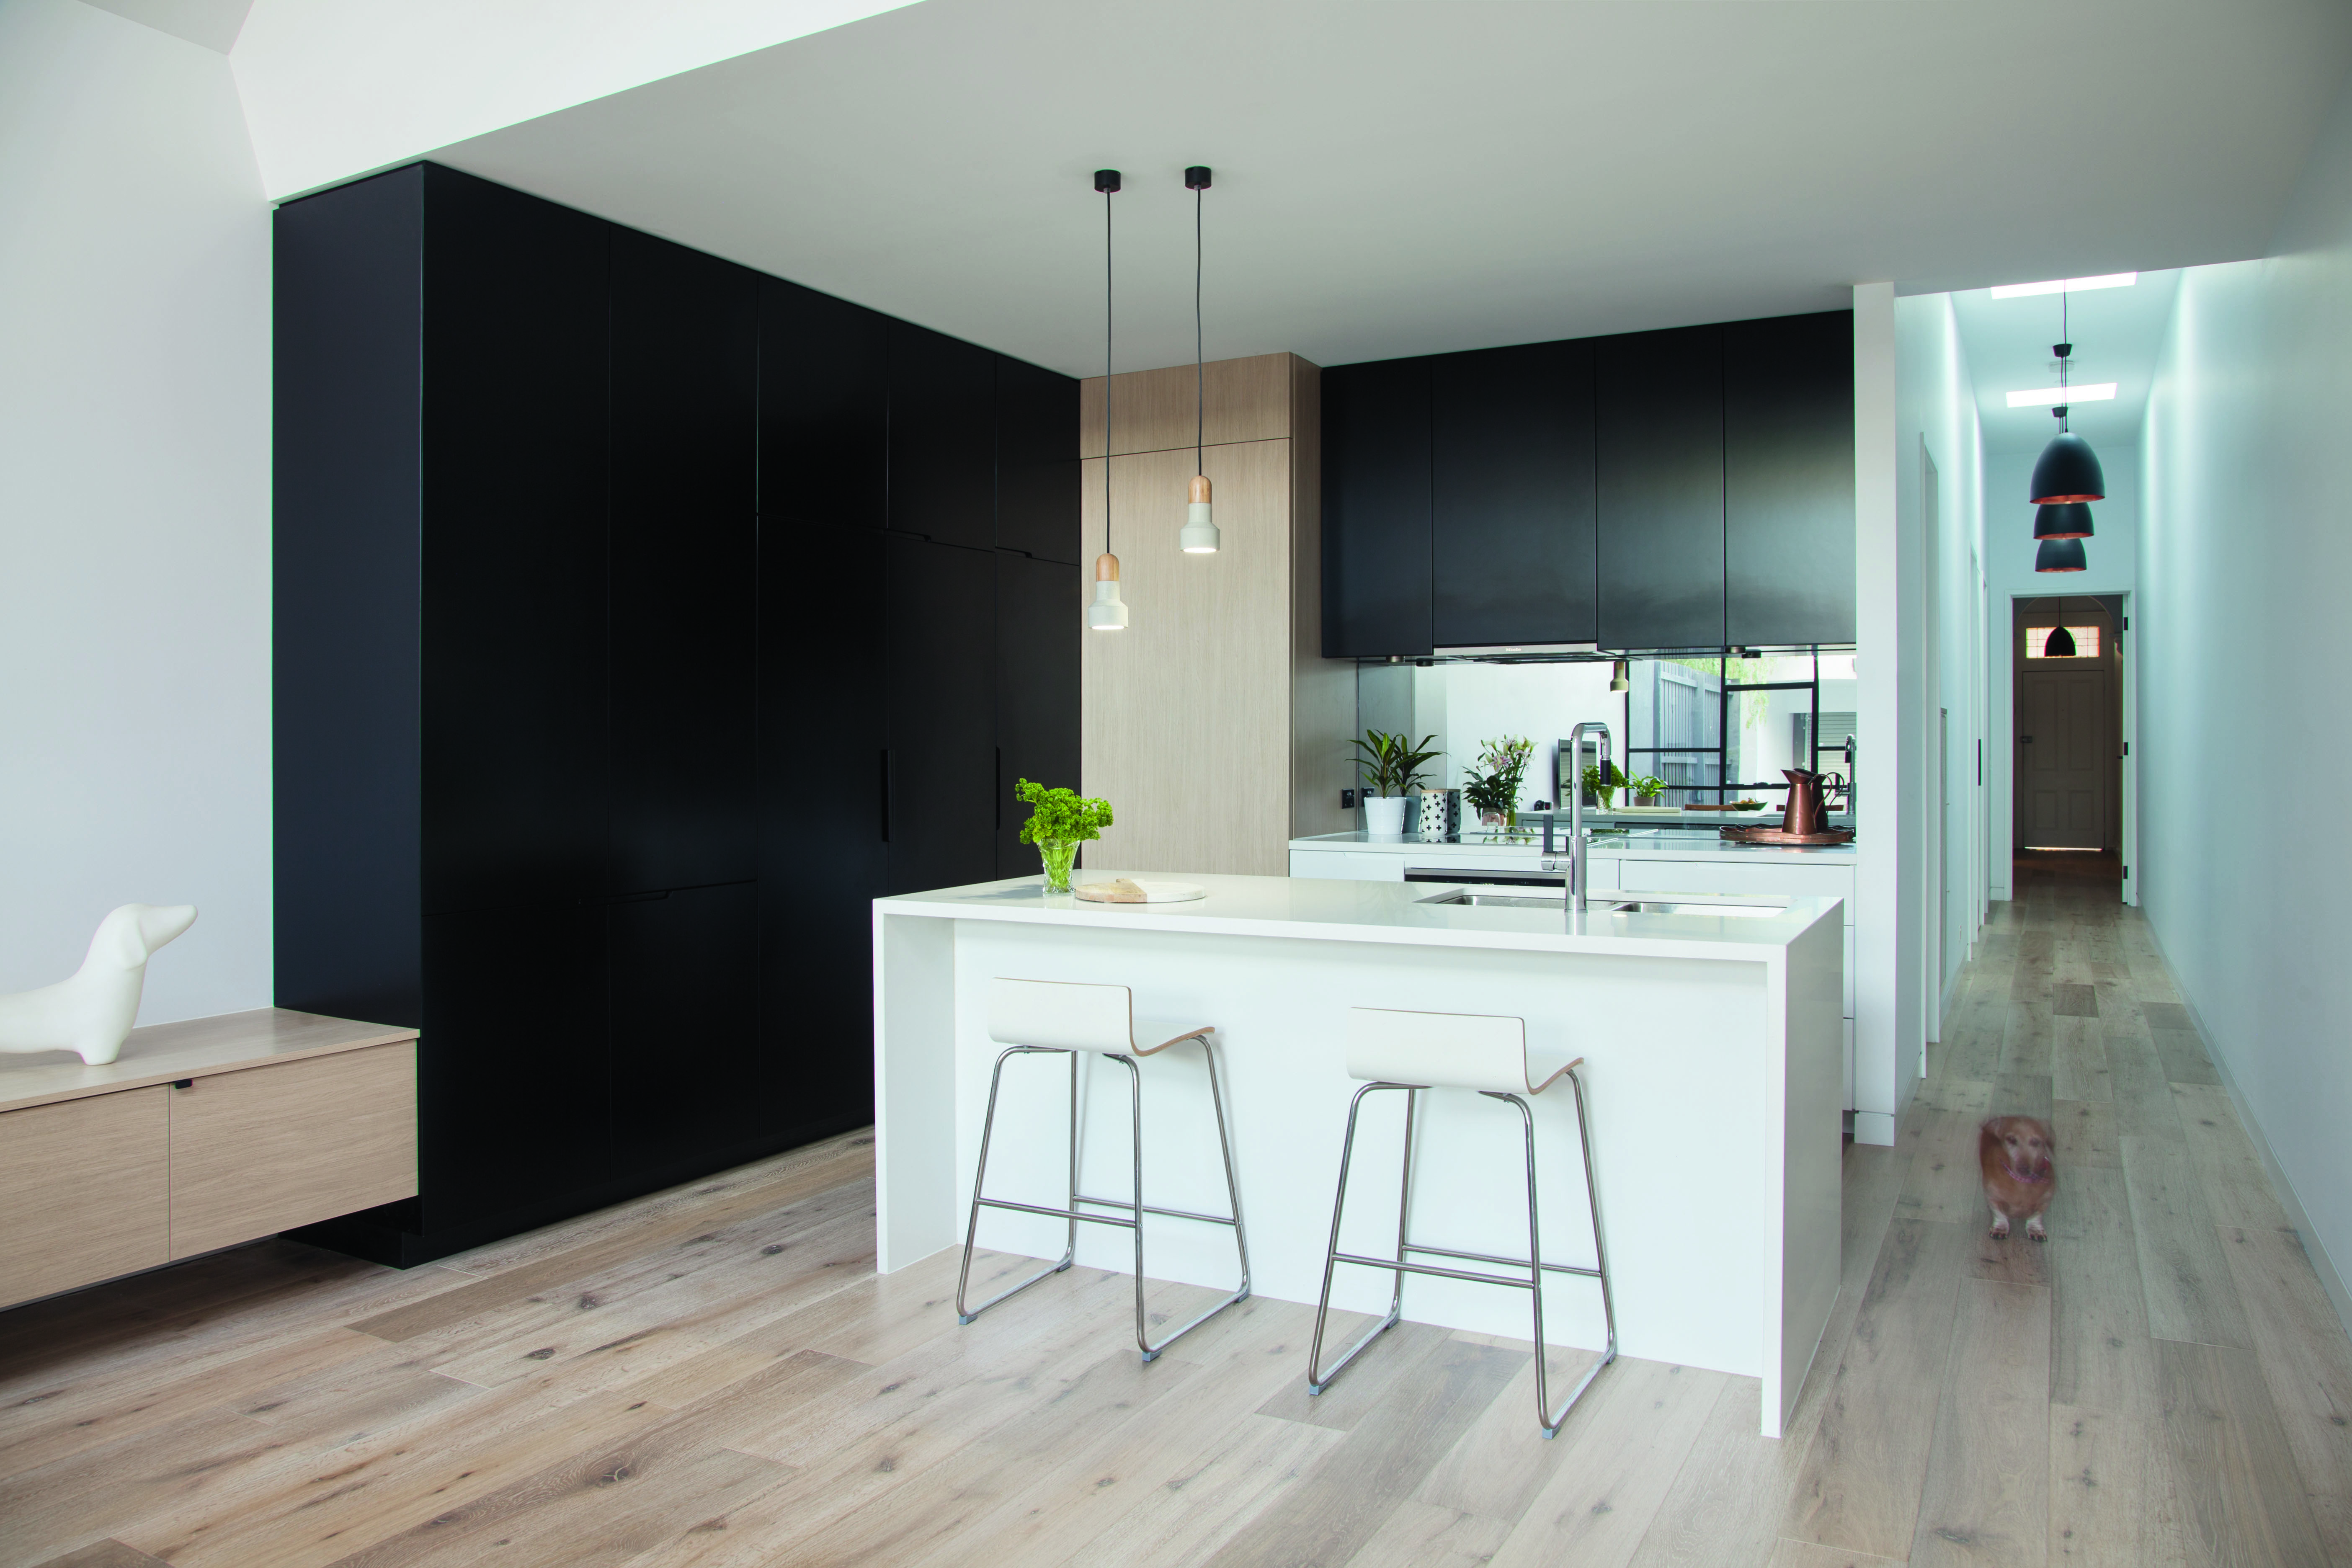 Dx Architects Adam Street ®tatjana Plitt 4762